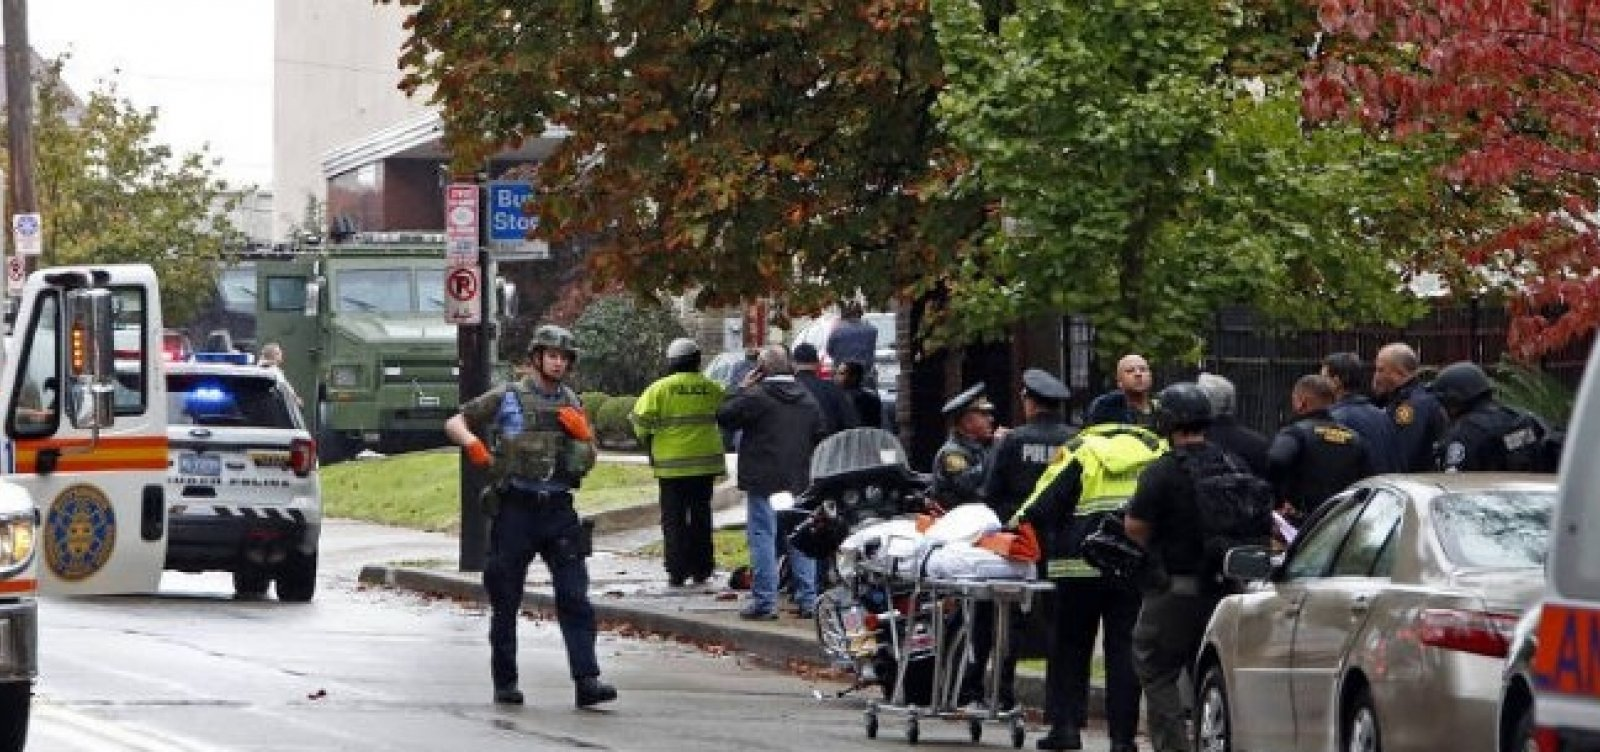 [Médicos divulgam identidade dos 11 mortos em ataque a sinagoga]